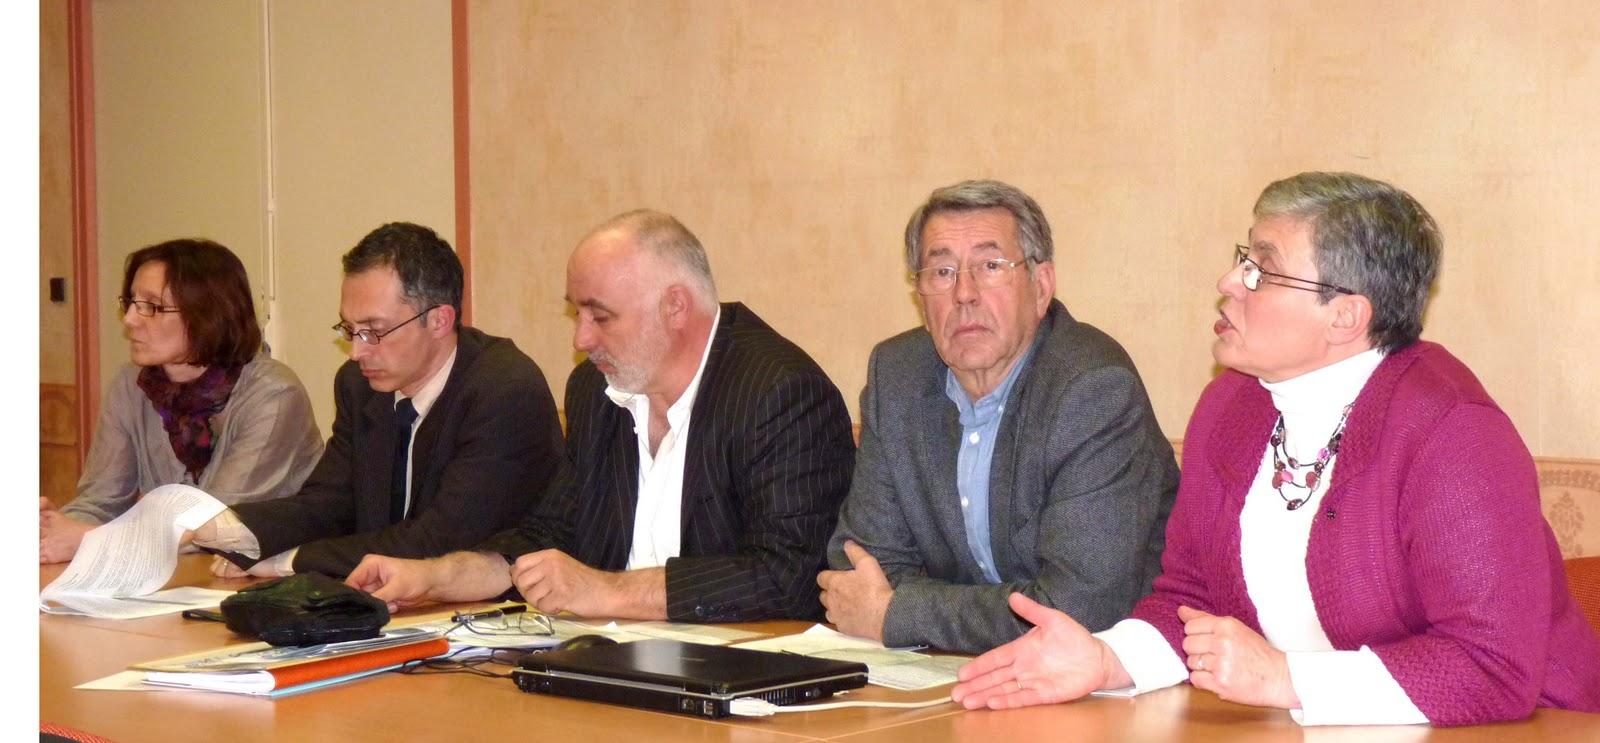 Valence agglo apporte des aides financieres pour les - Aide financiere pour meubler son logement ...